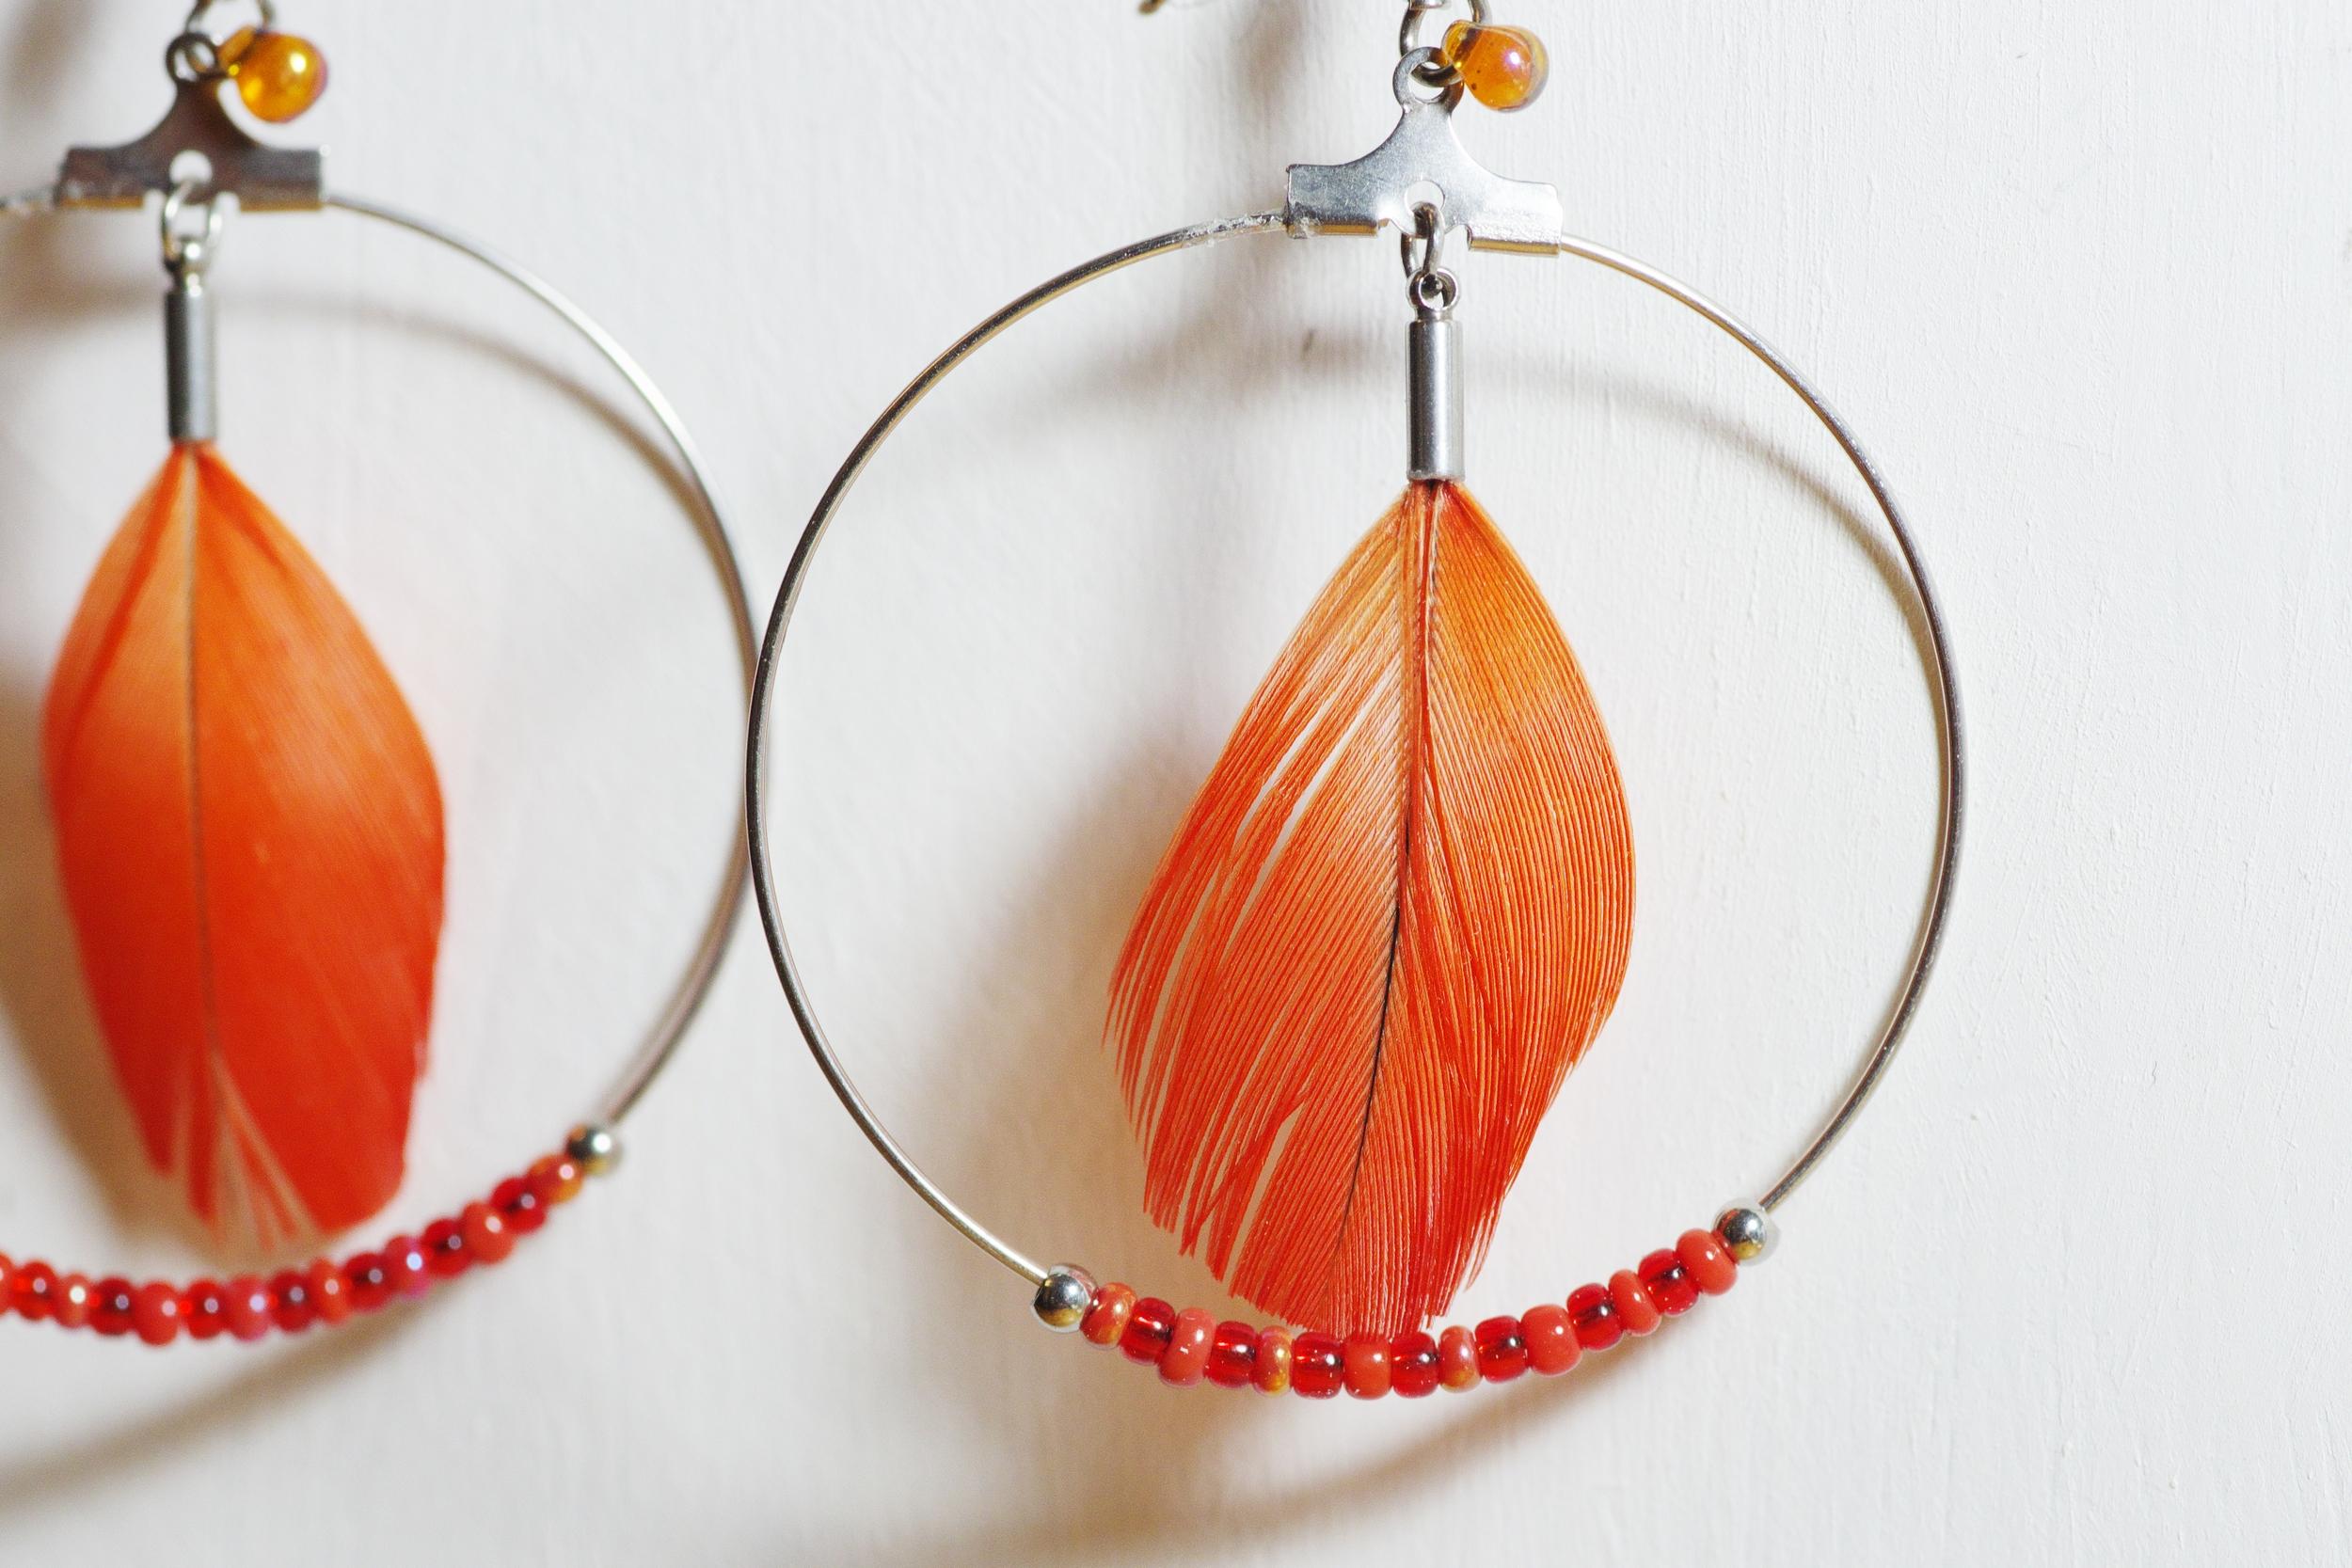 gros plan sur une boucle d'oreille rouge : plume et perles rouges à l'intérieur d'un grand anneau en inox